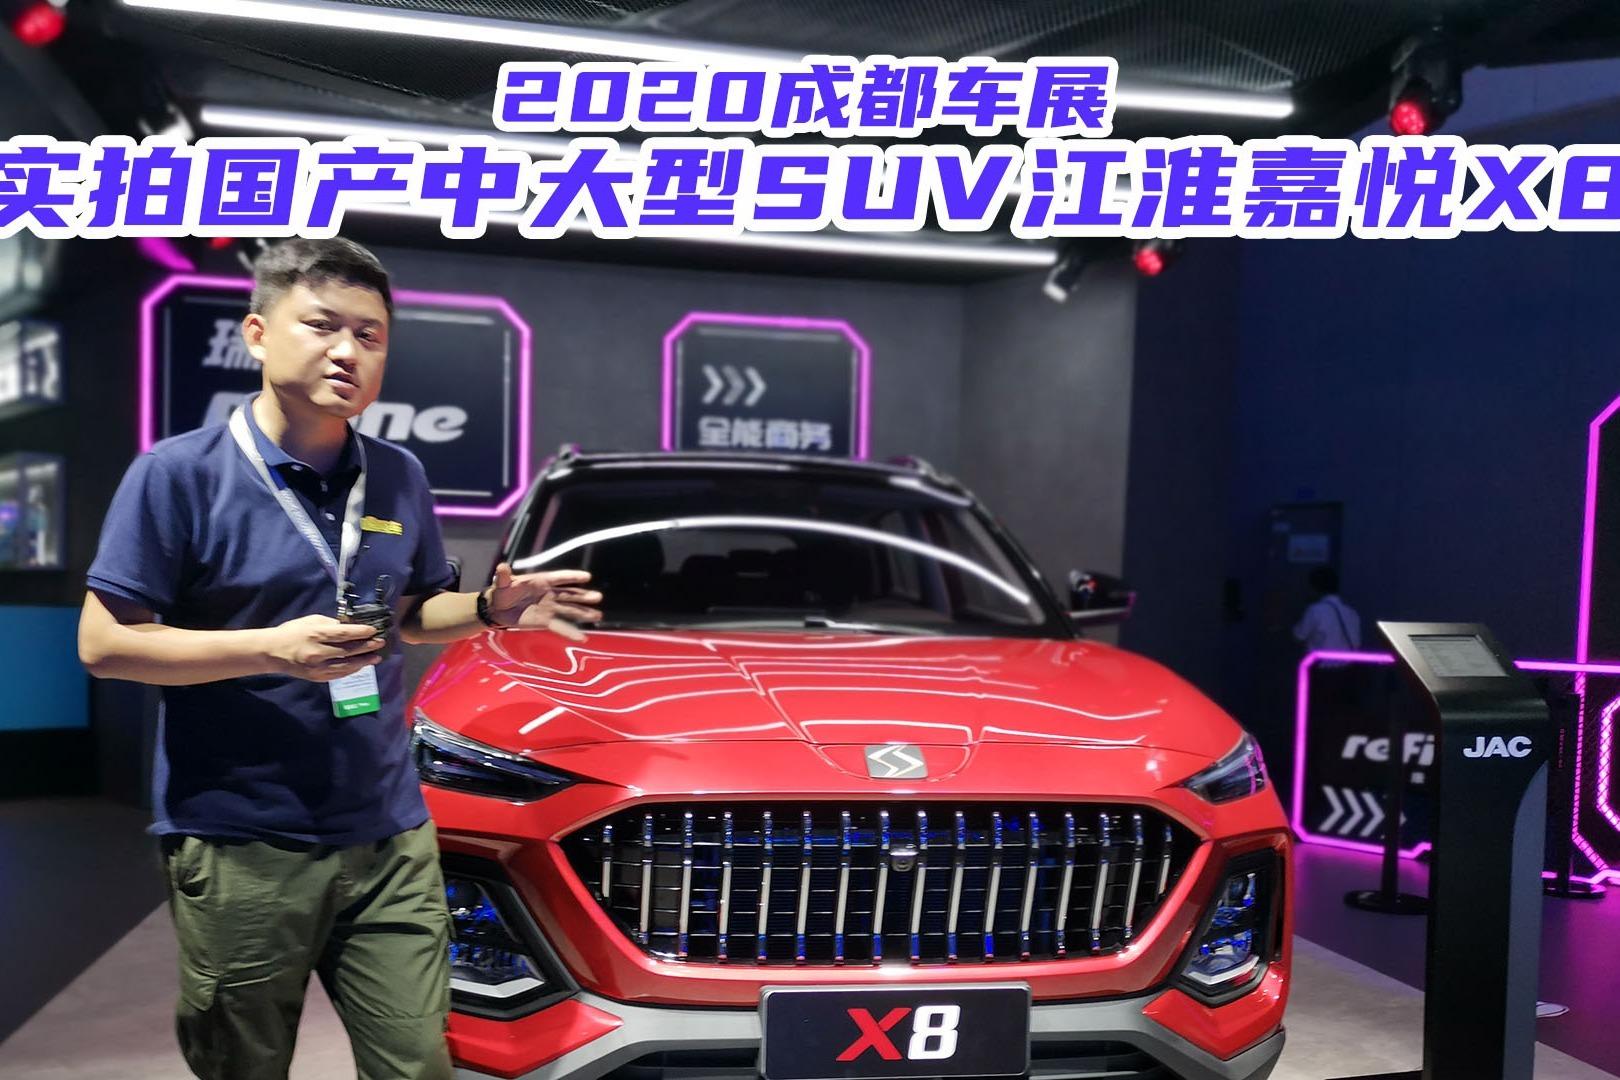 2020成都车展,实拍江淮嘉悦X8,上市能成为爆款吗